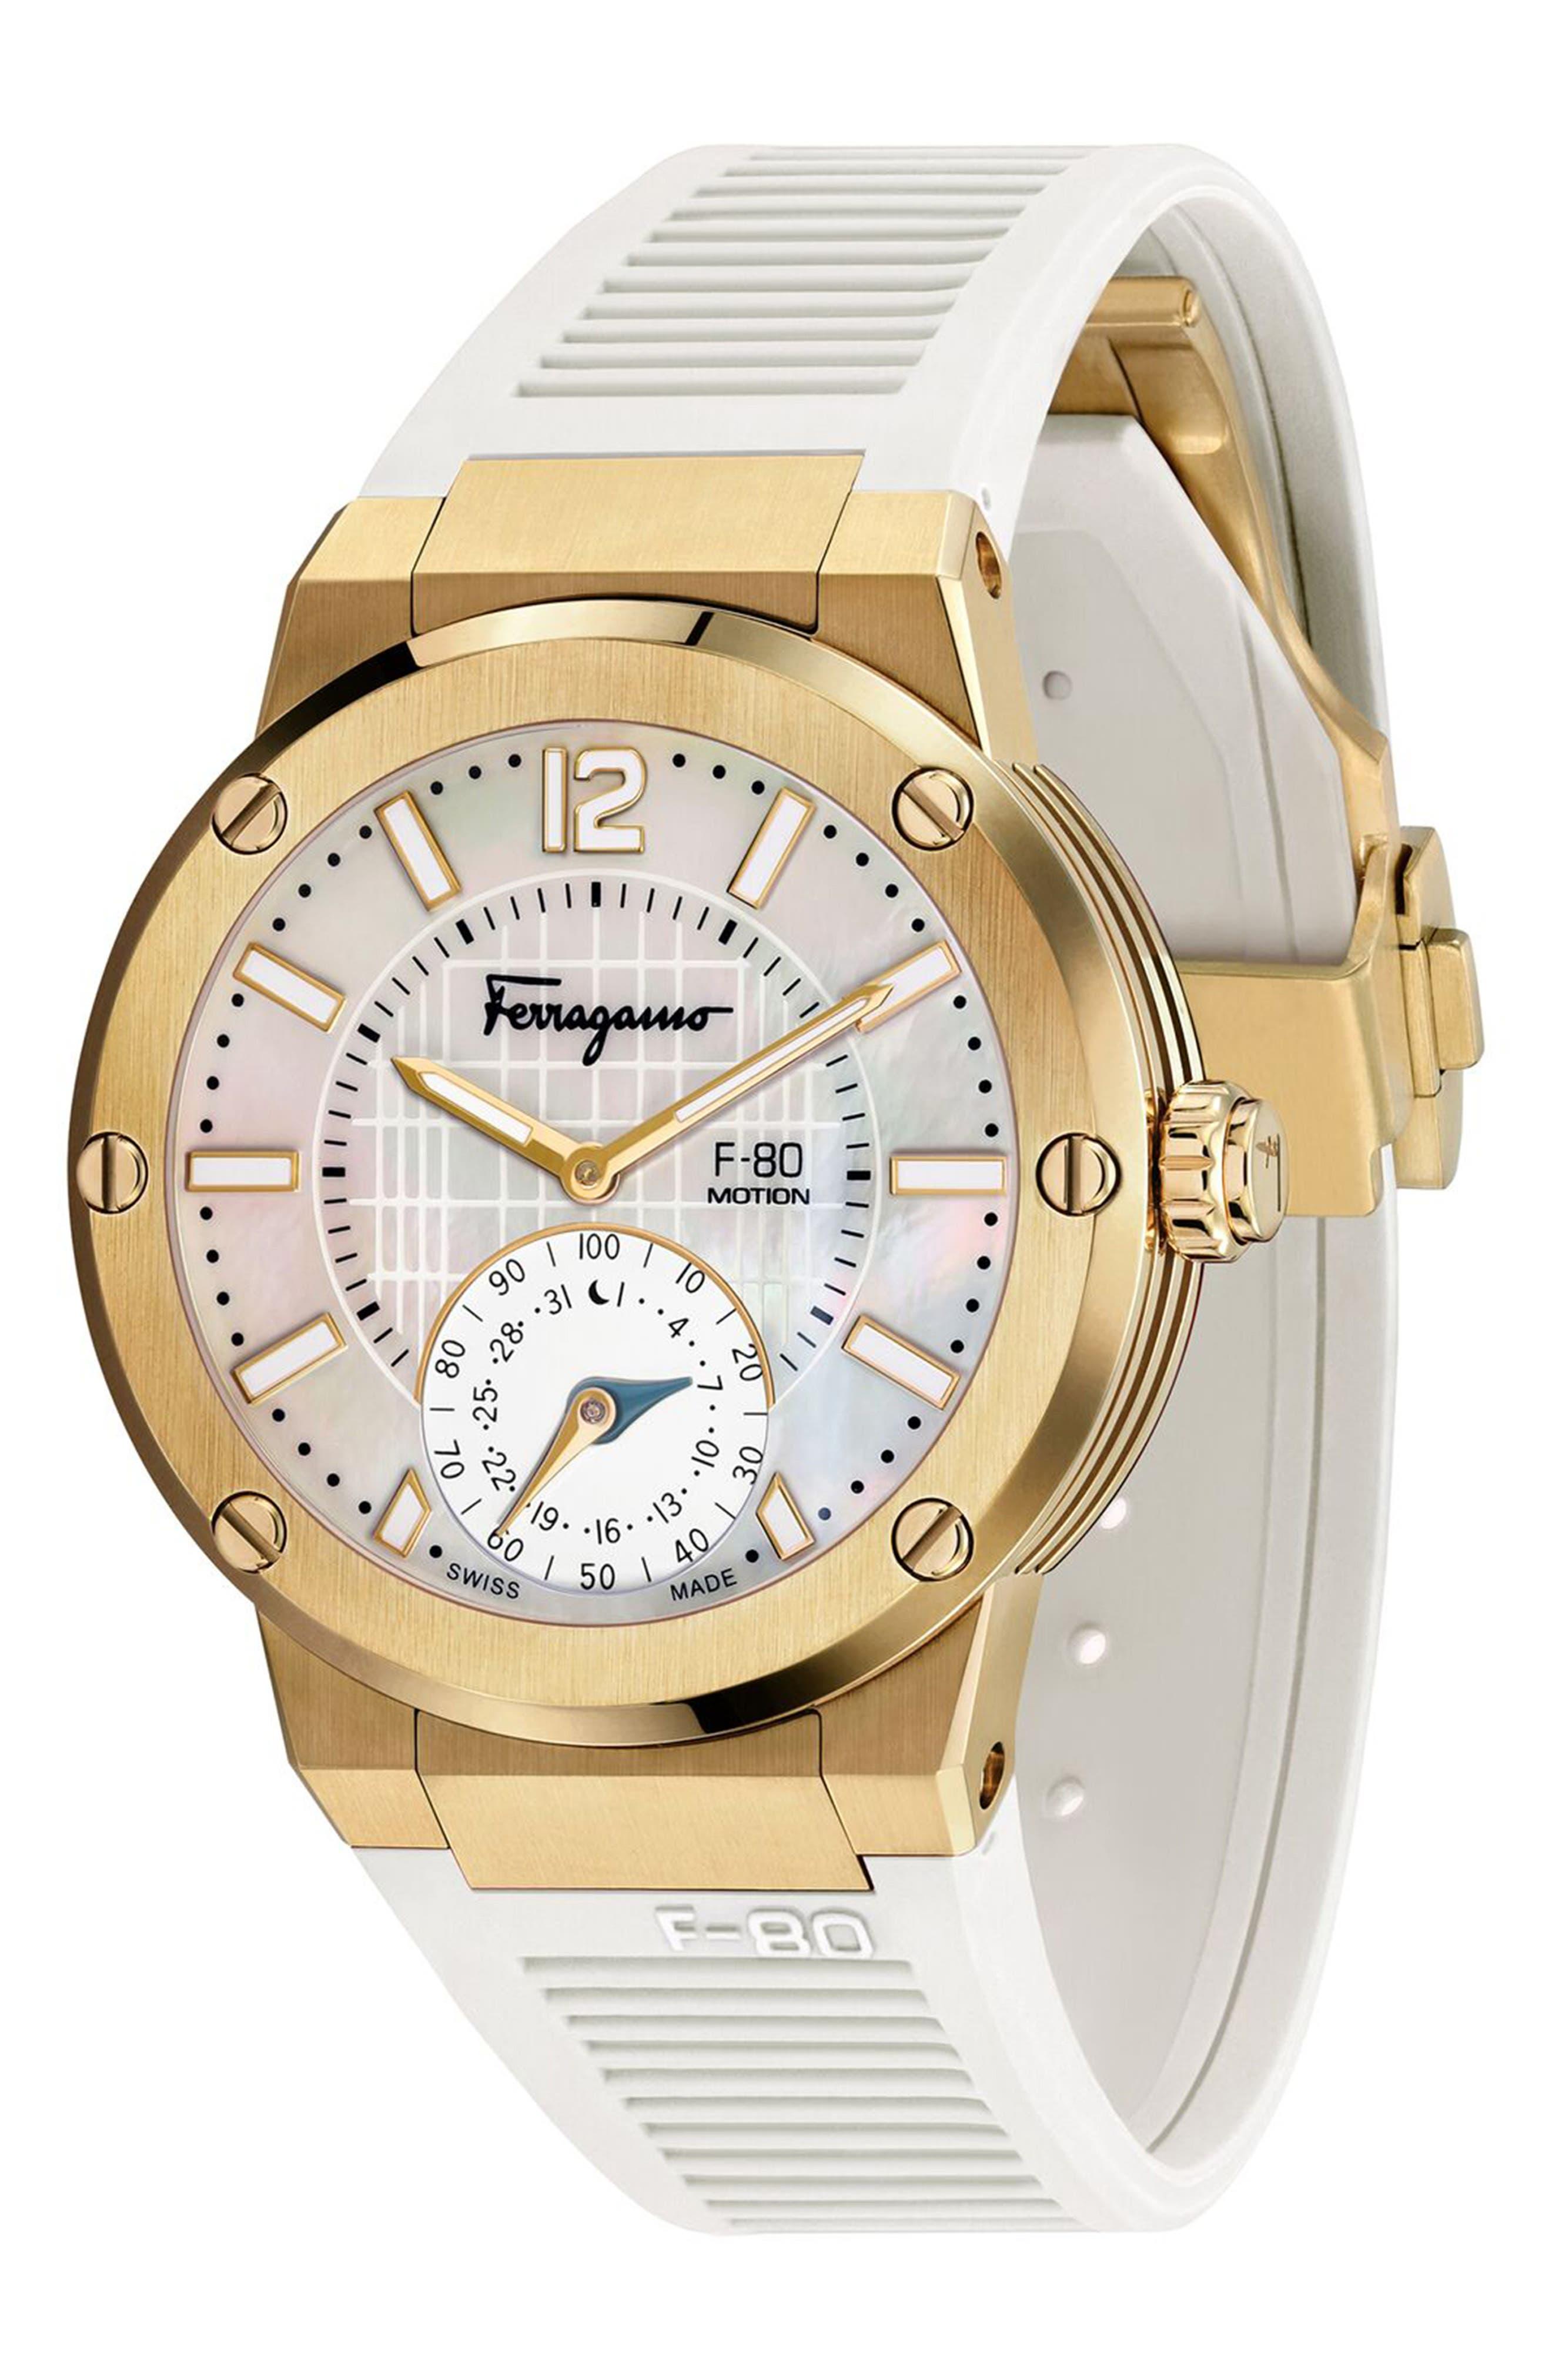 SALVATORE FERRAGAMO F-80 Motion Rubber Strap Smart Watch, 44mm, Main, color, WHITE/ MOP/ GOLD